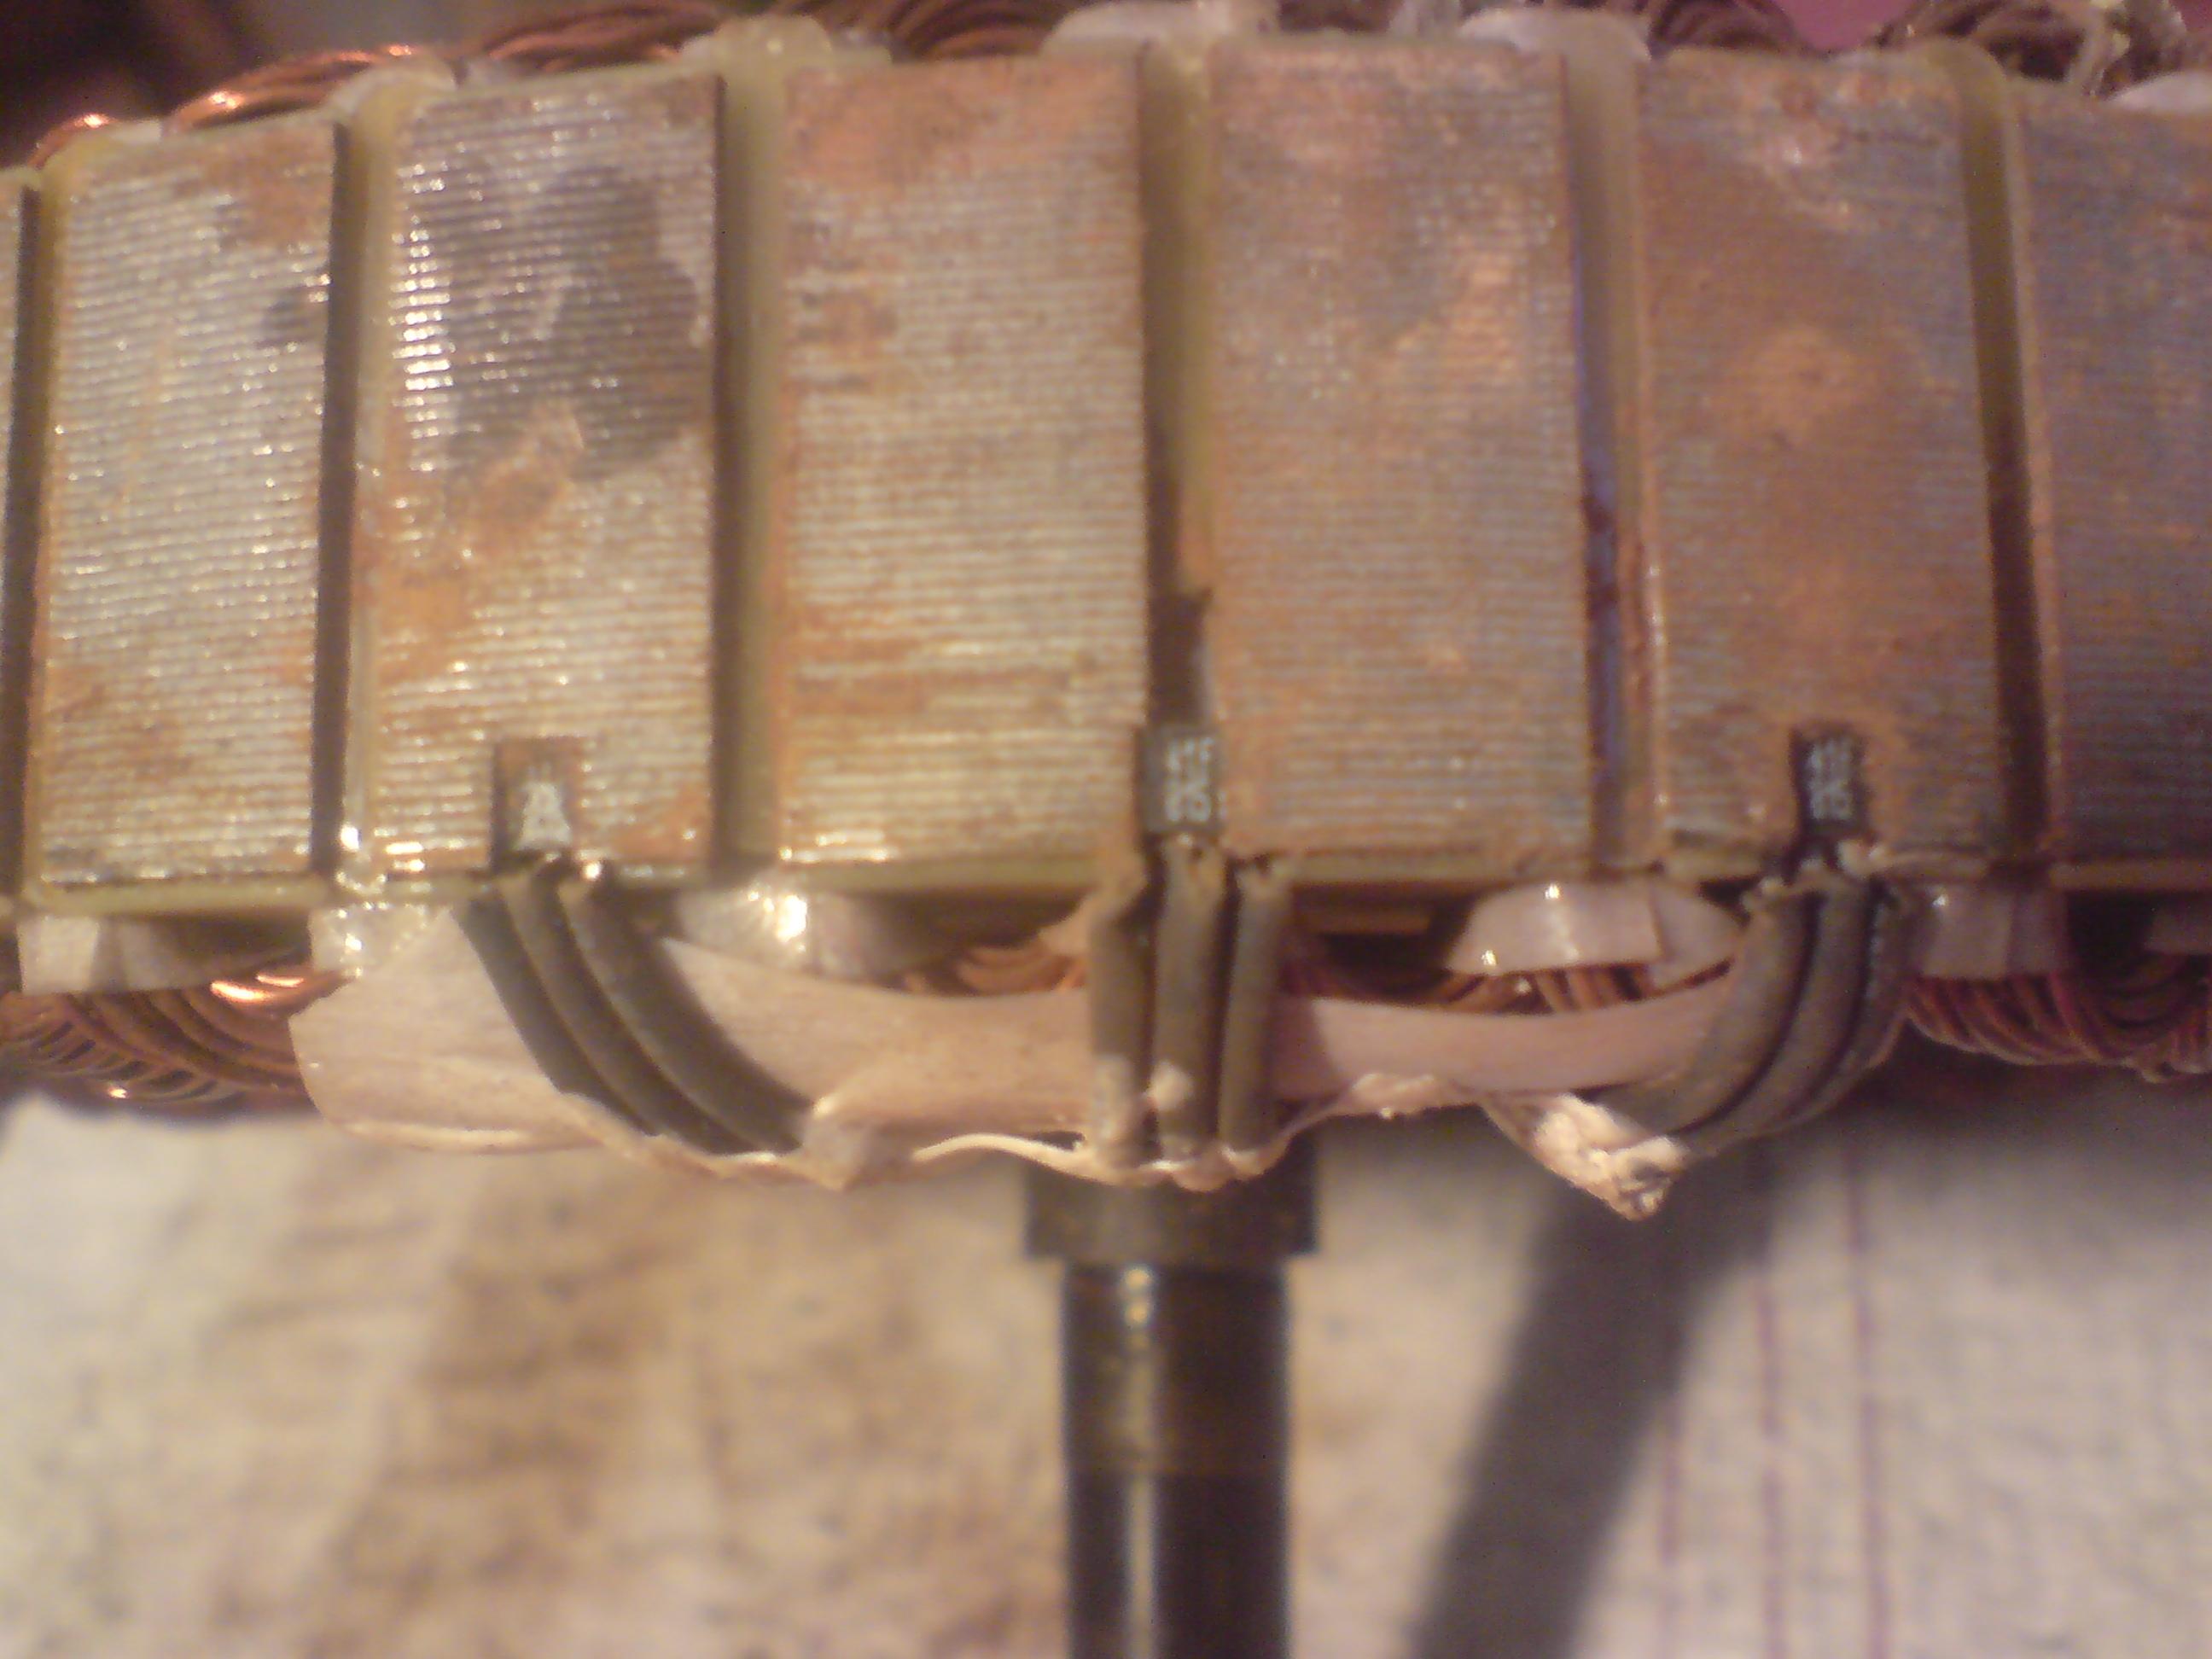 Sterowanie silnikiem BLDC jak PMSM metoda pelnowektorowa?